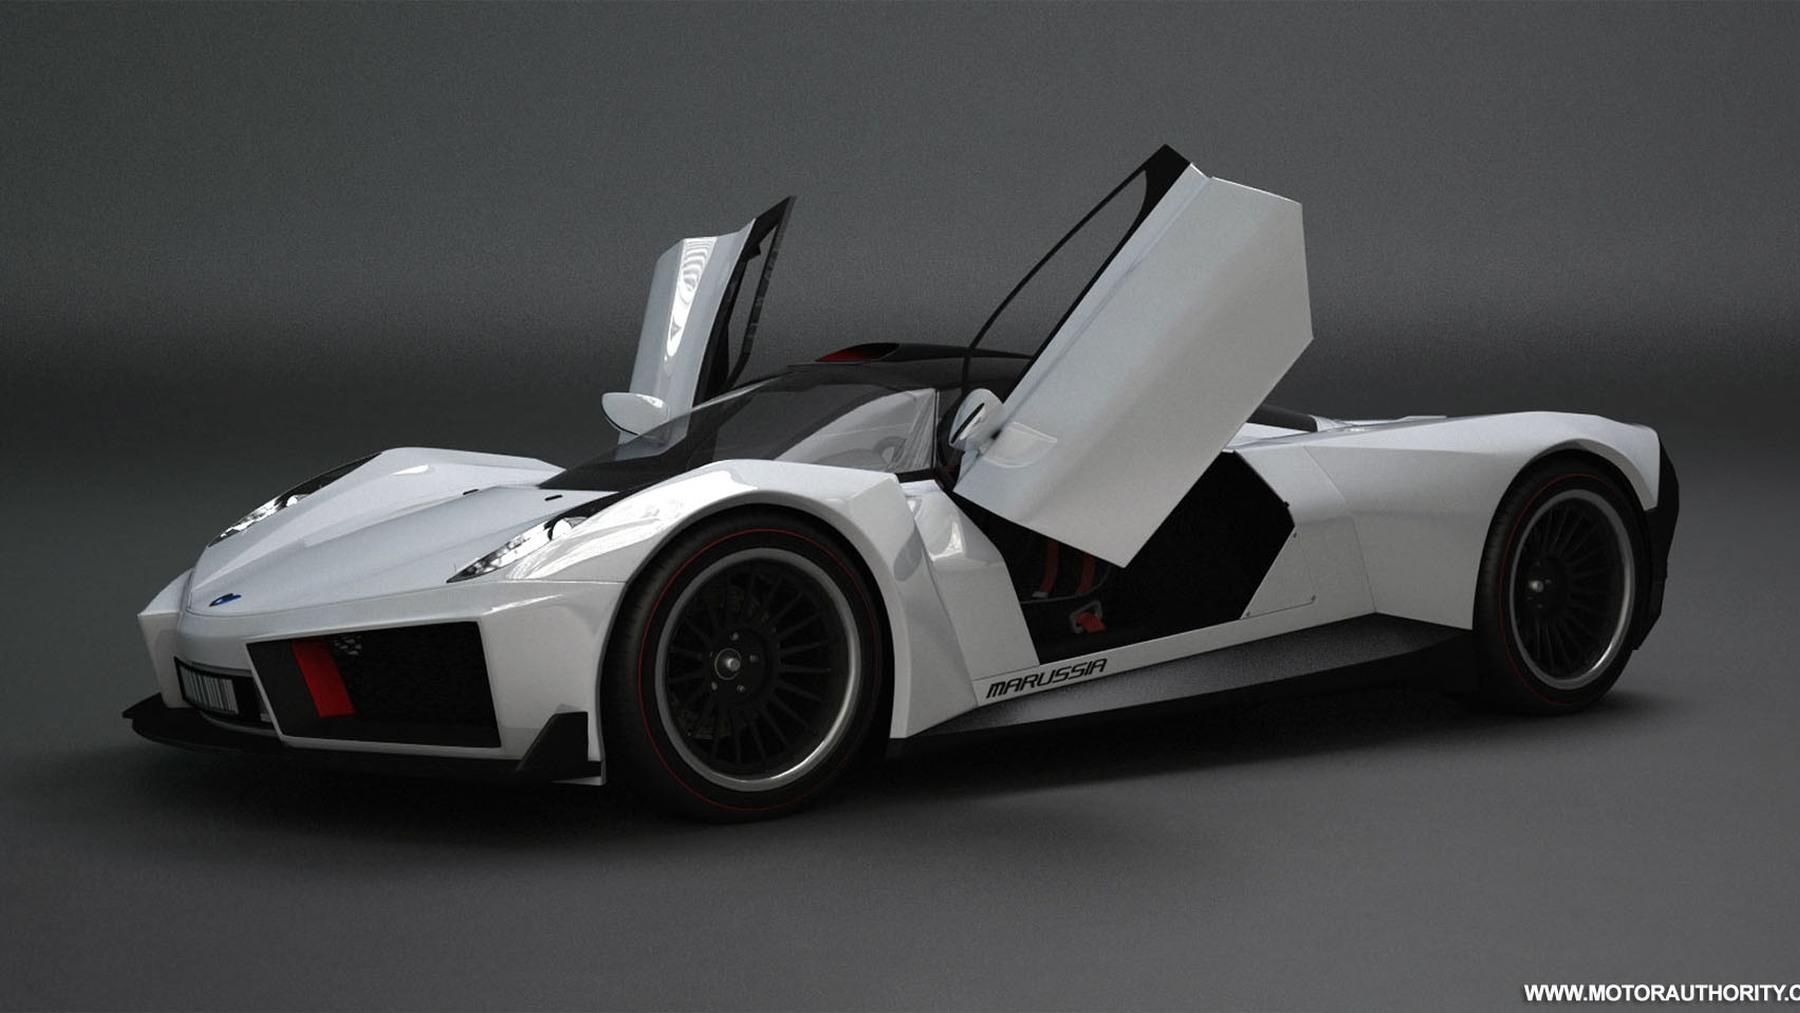 krasnov igor muska supercar concept rendering 005